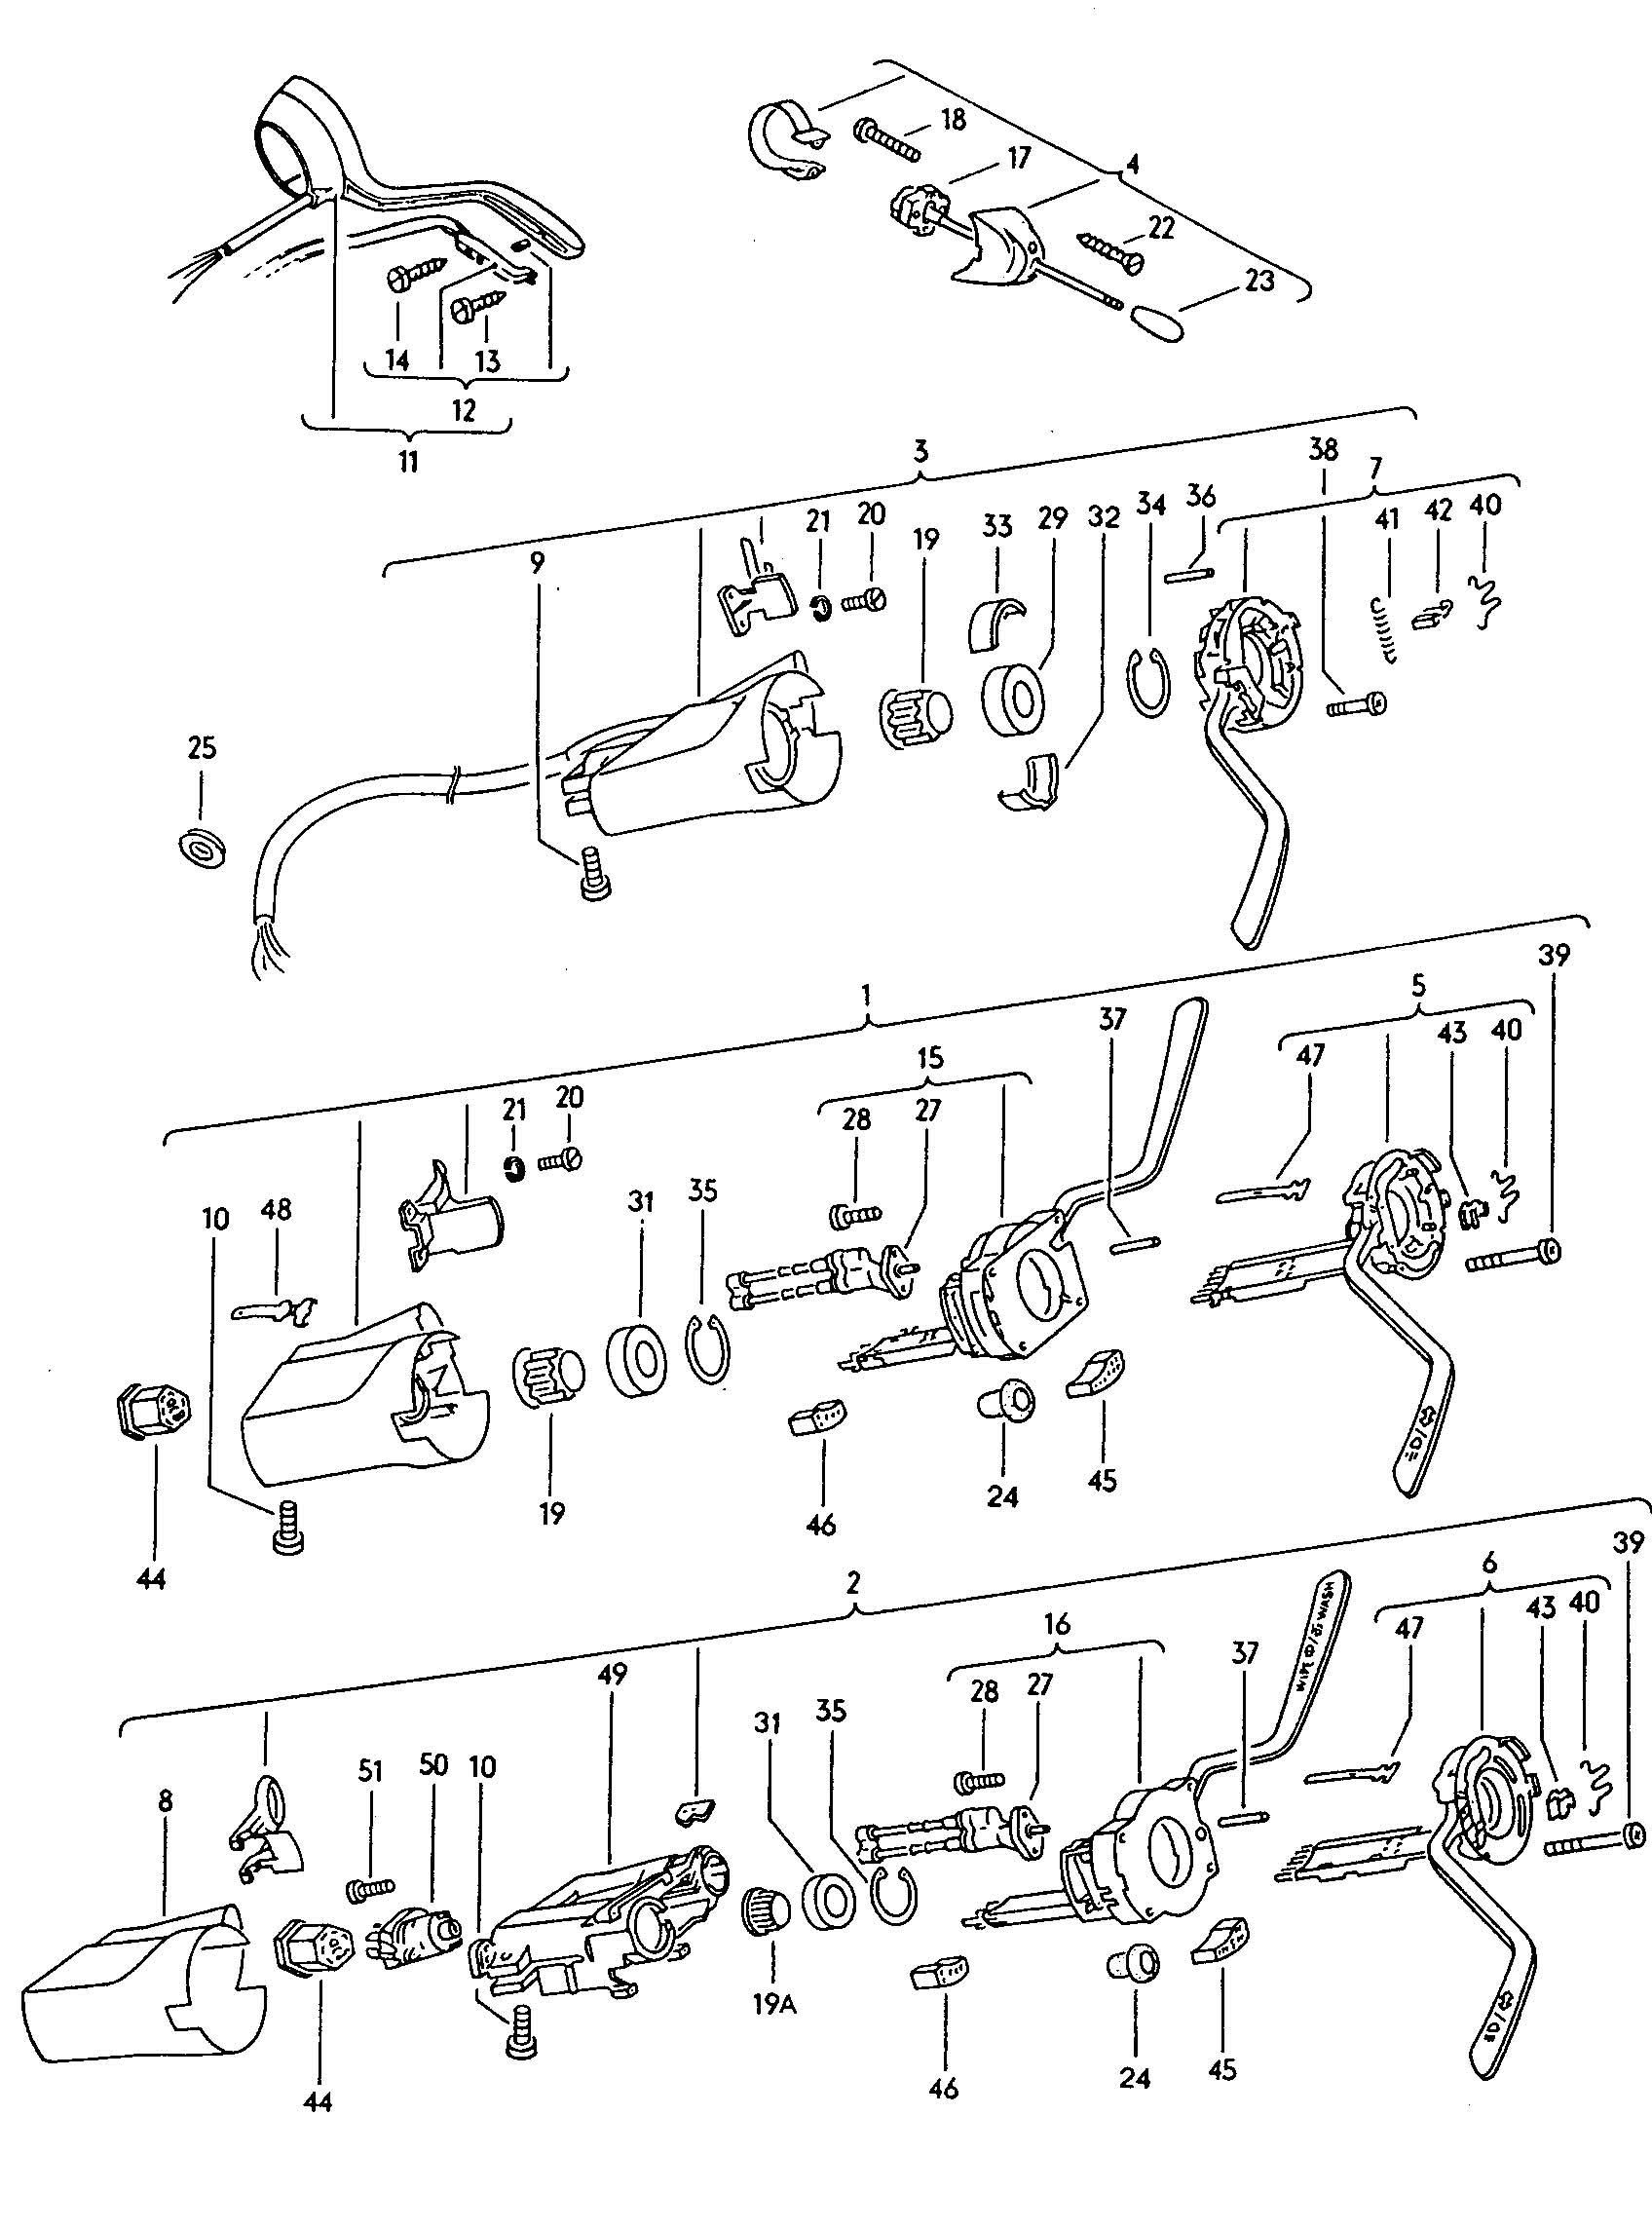 1968 Volkswagen Beetle Thrust ring. TM 1-3/1989. Flasher